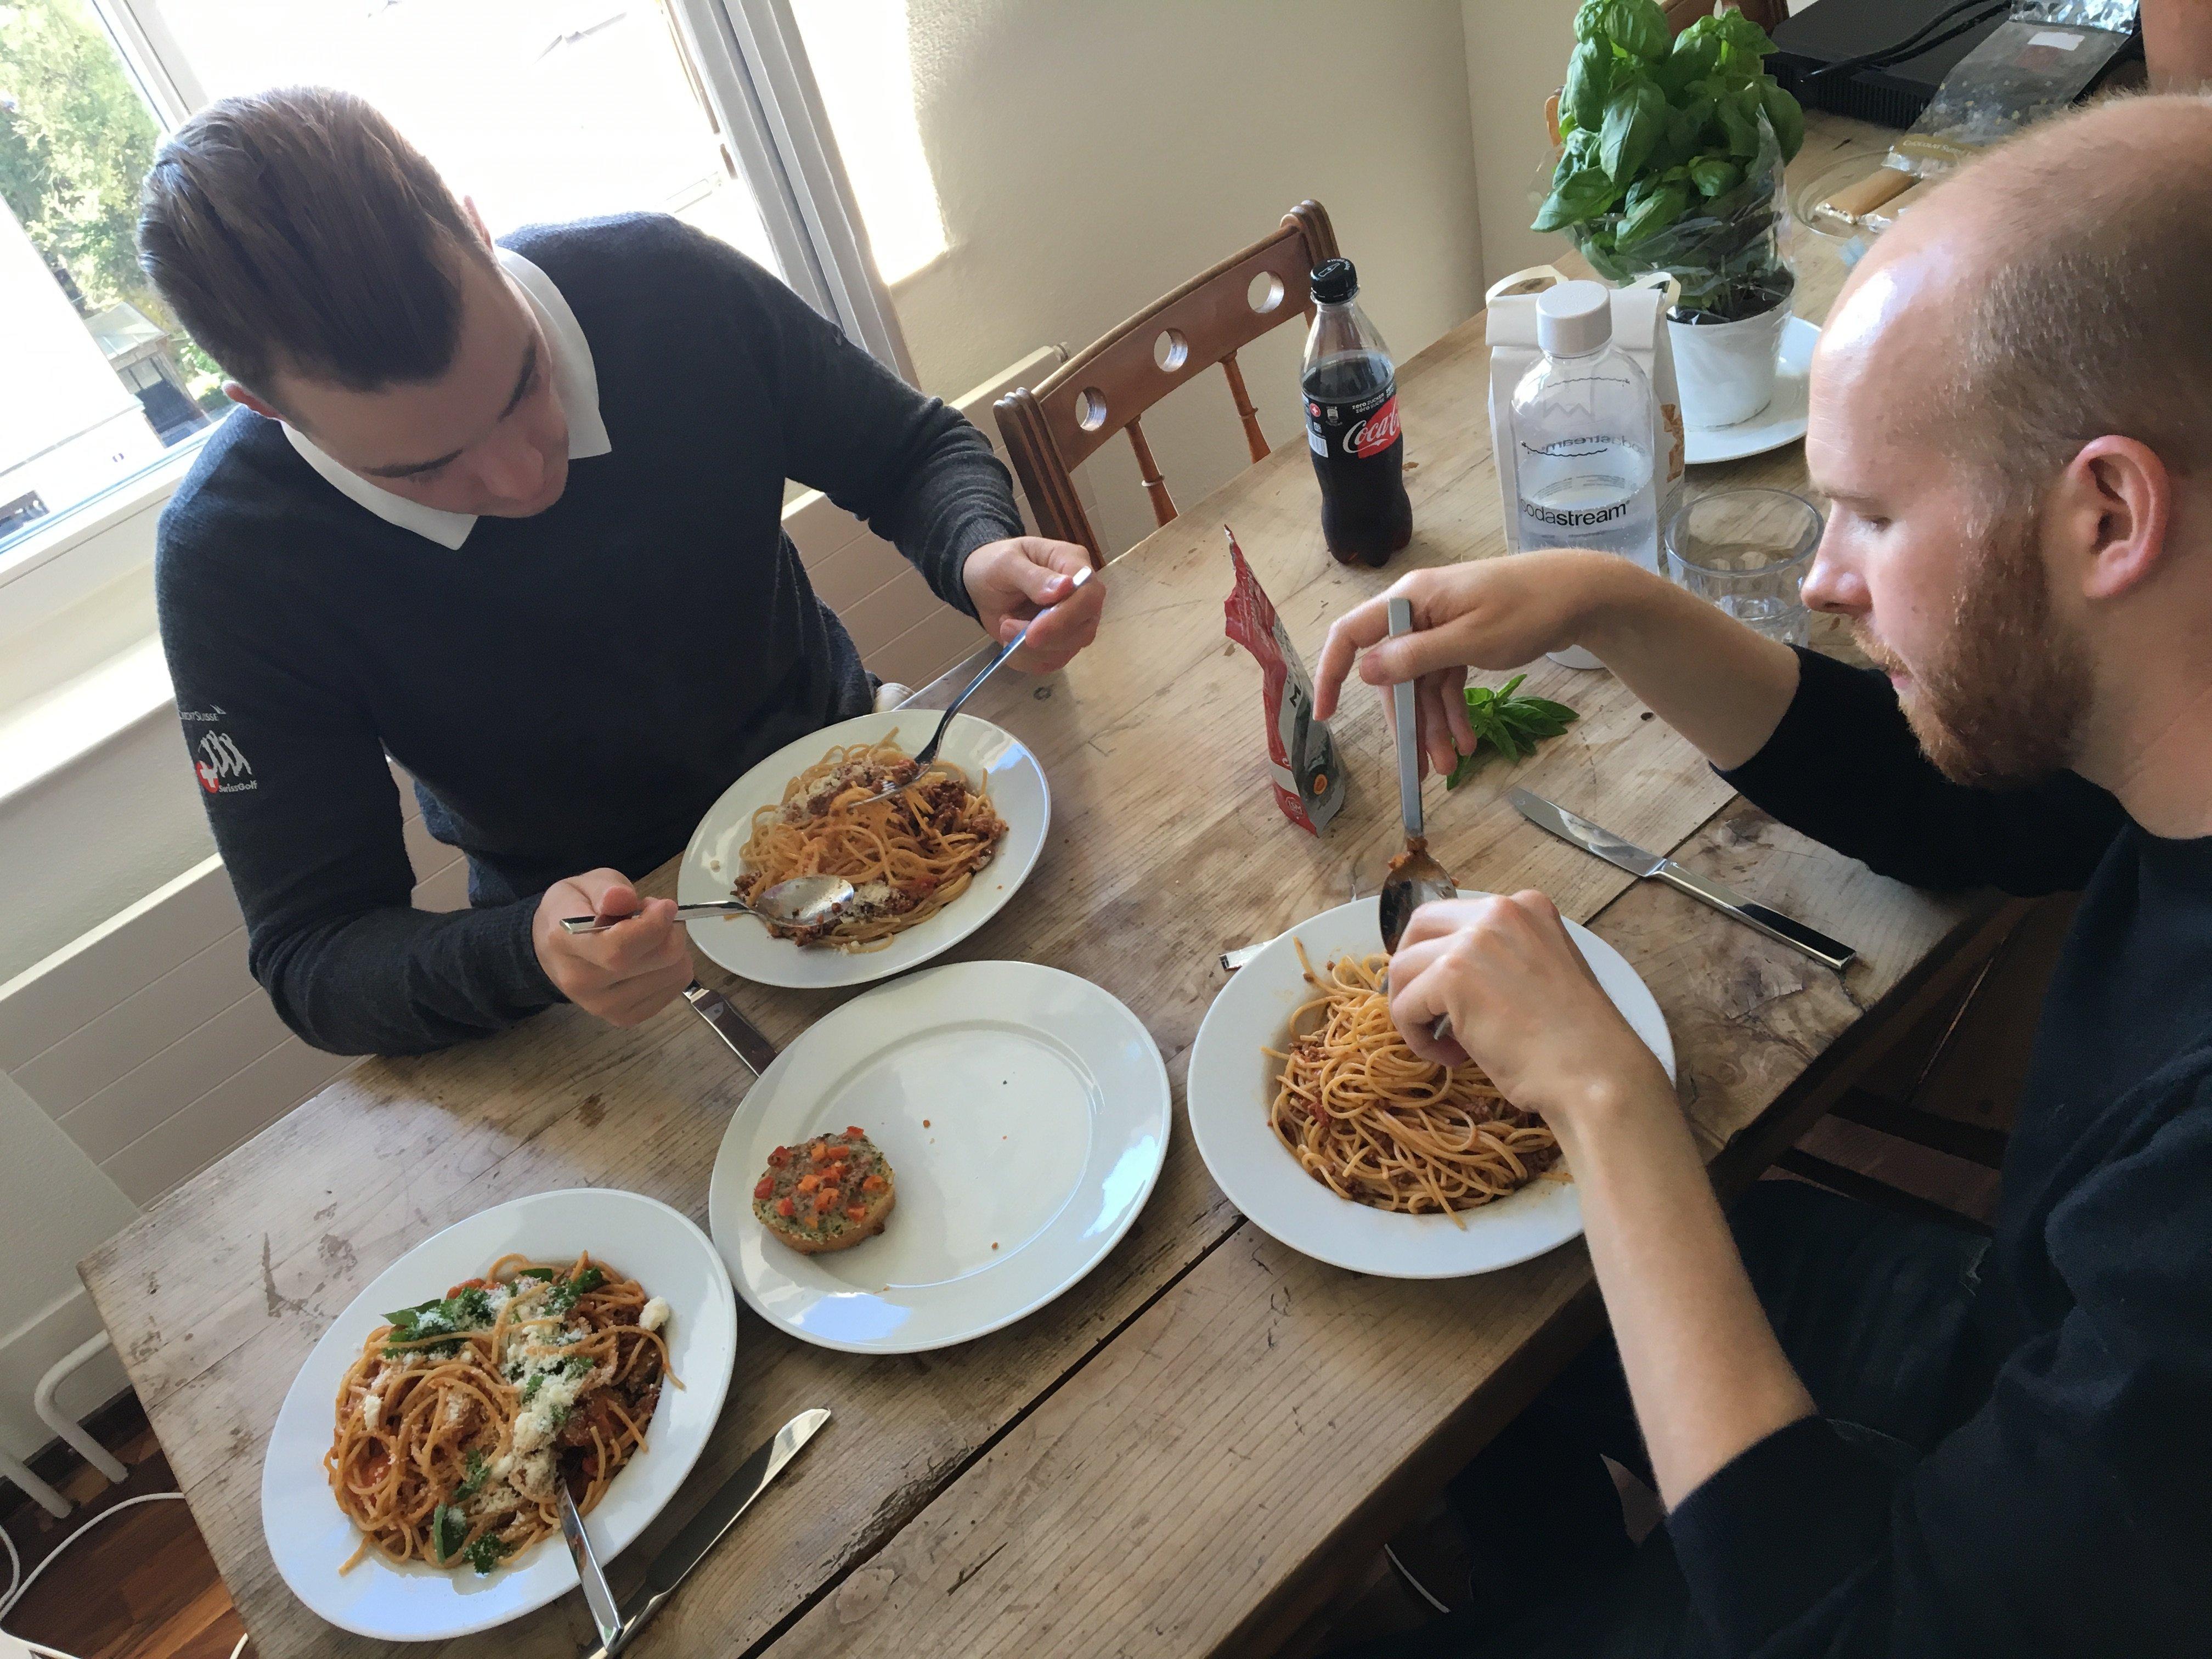 SpaghettiScope